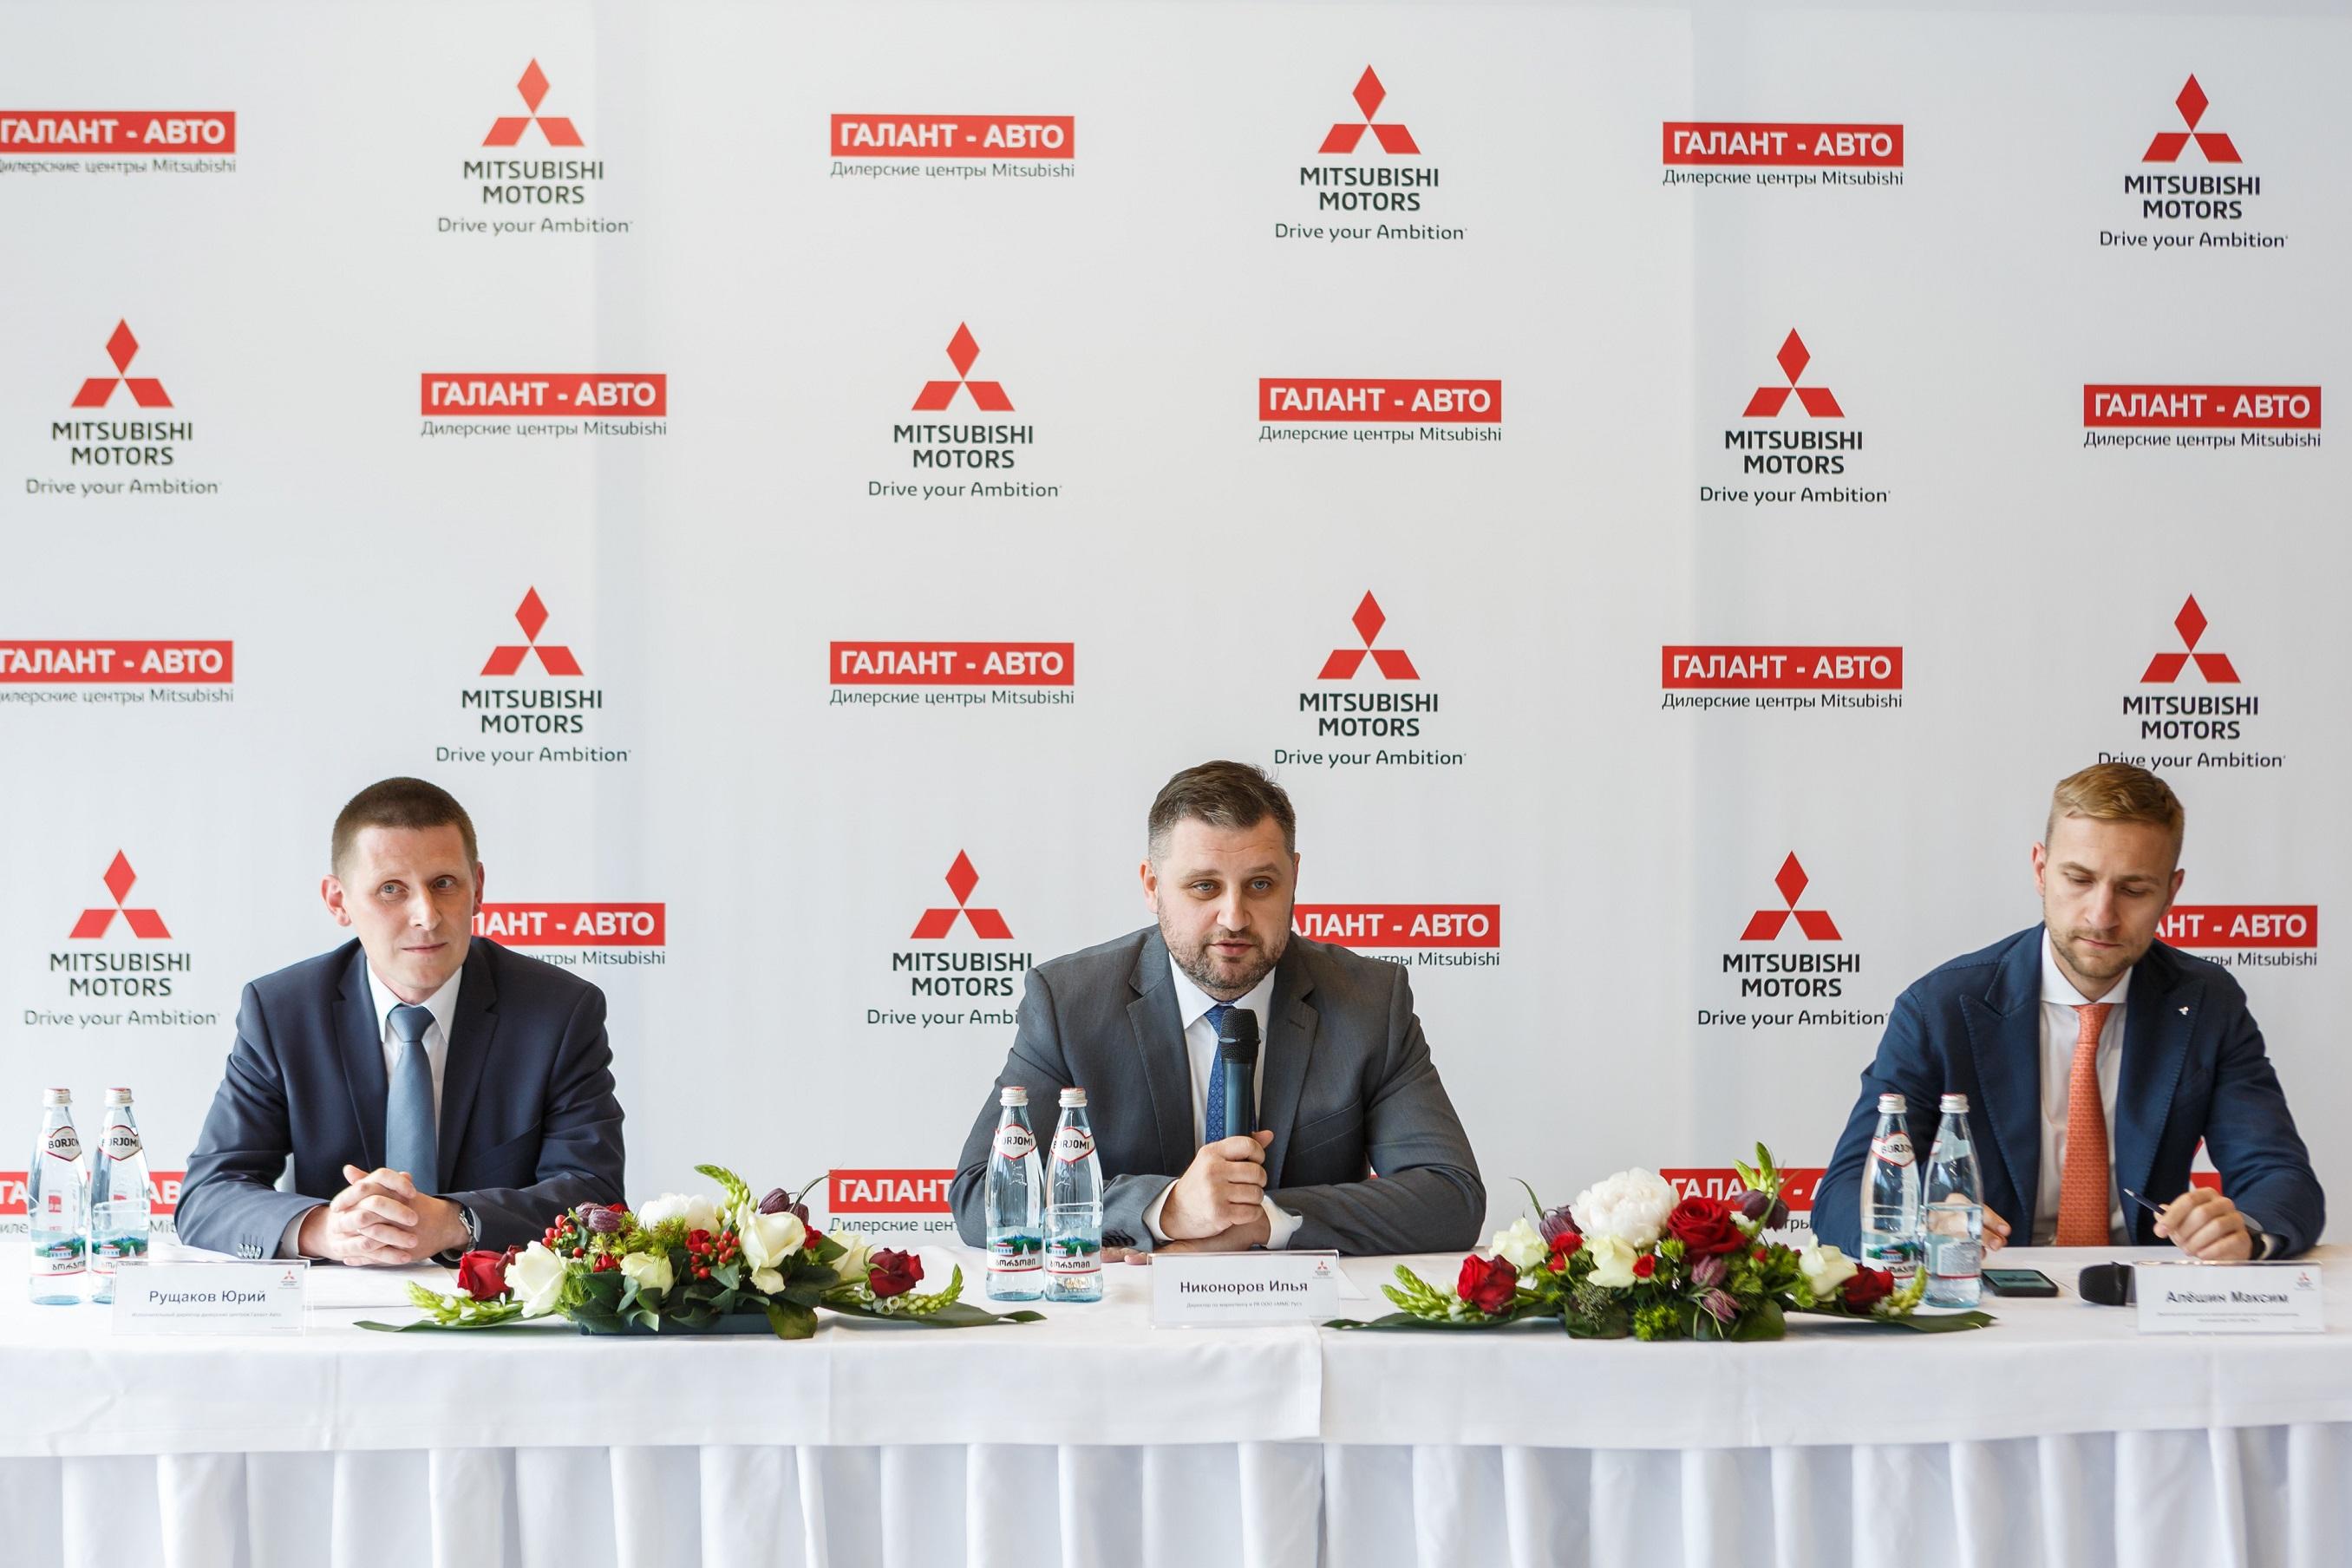 Первый дилерский центр Mitsubishi Motors в новом дизайне в Санкт-Петербурге